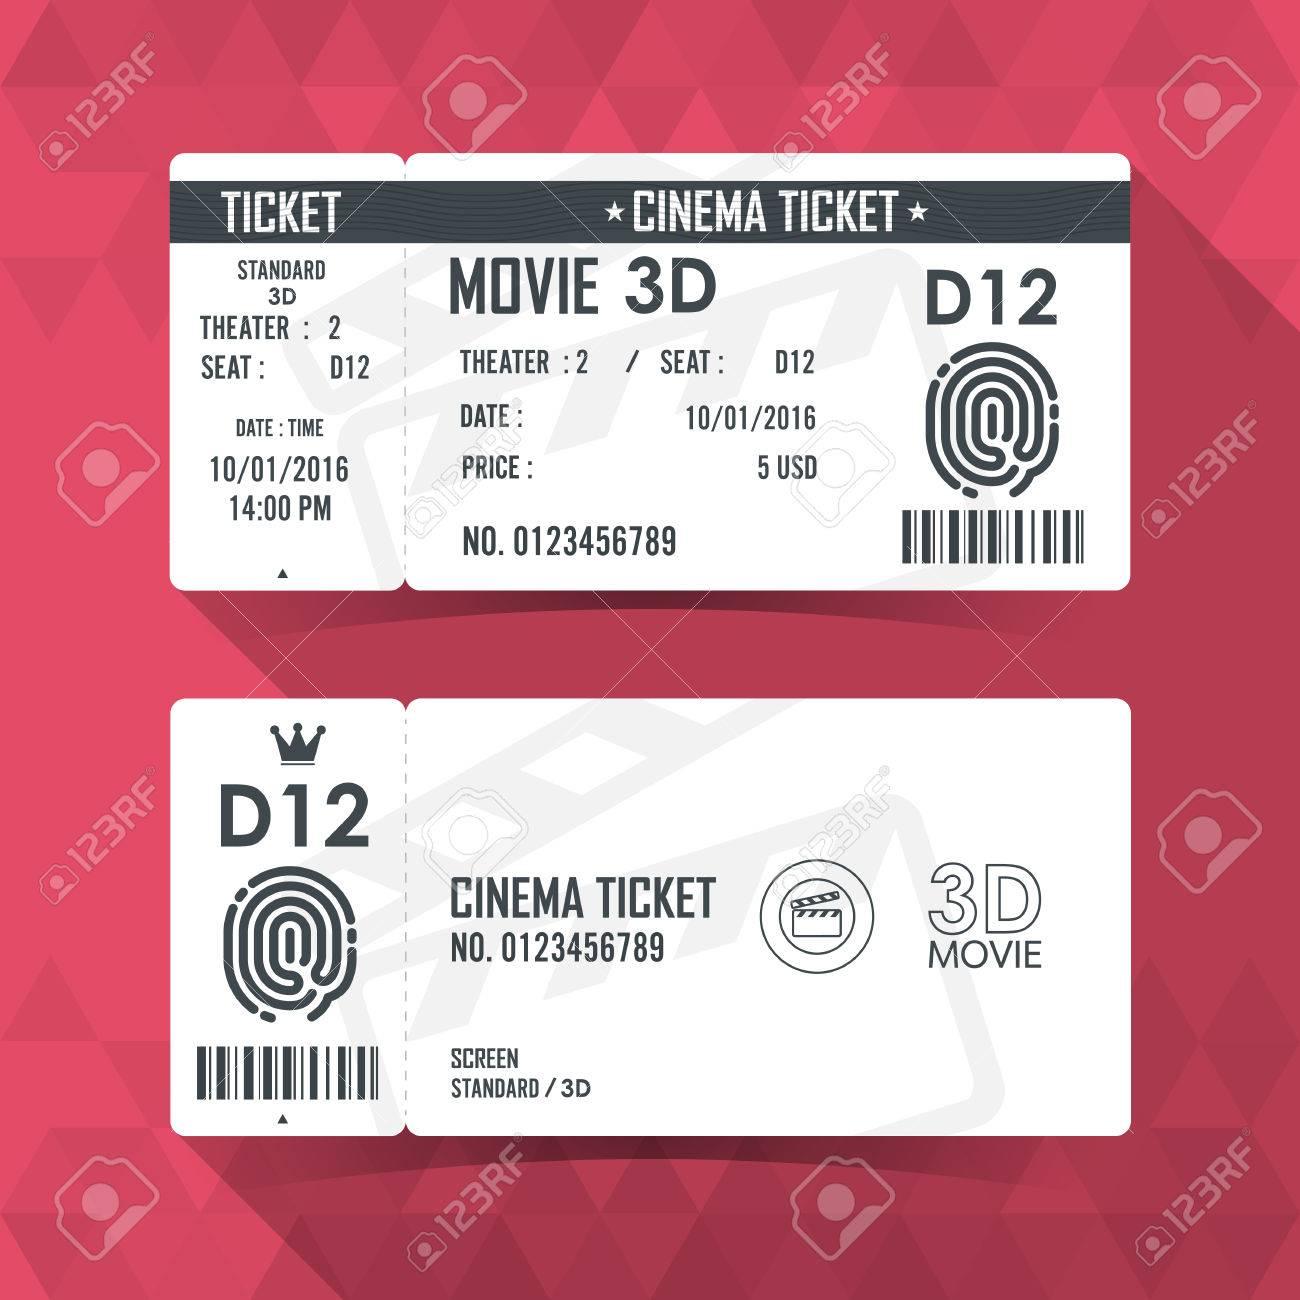 Erfreut Druckbare Film Ticket Vorlage Fotos - Beispiel Business ...